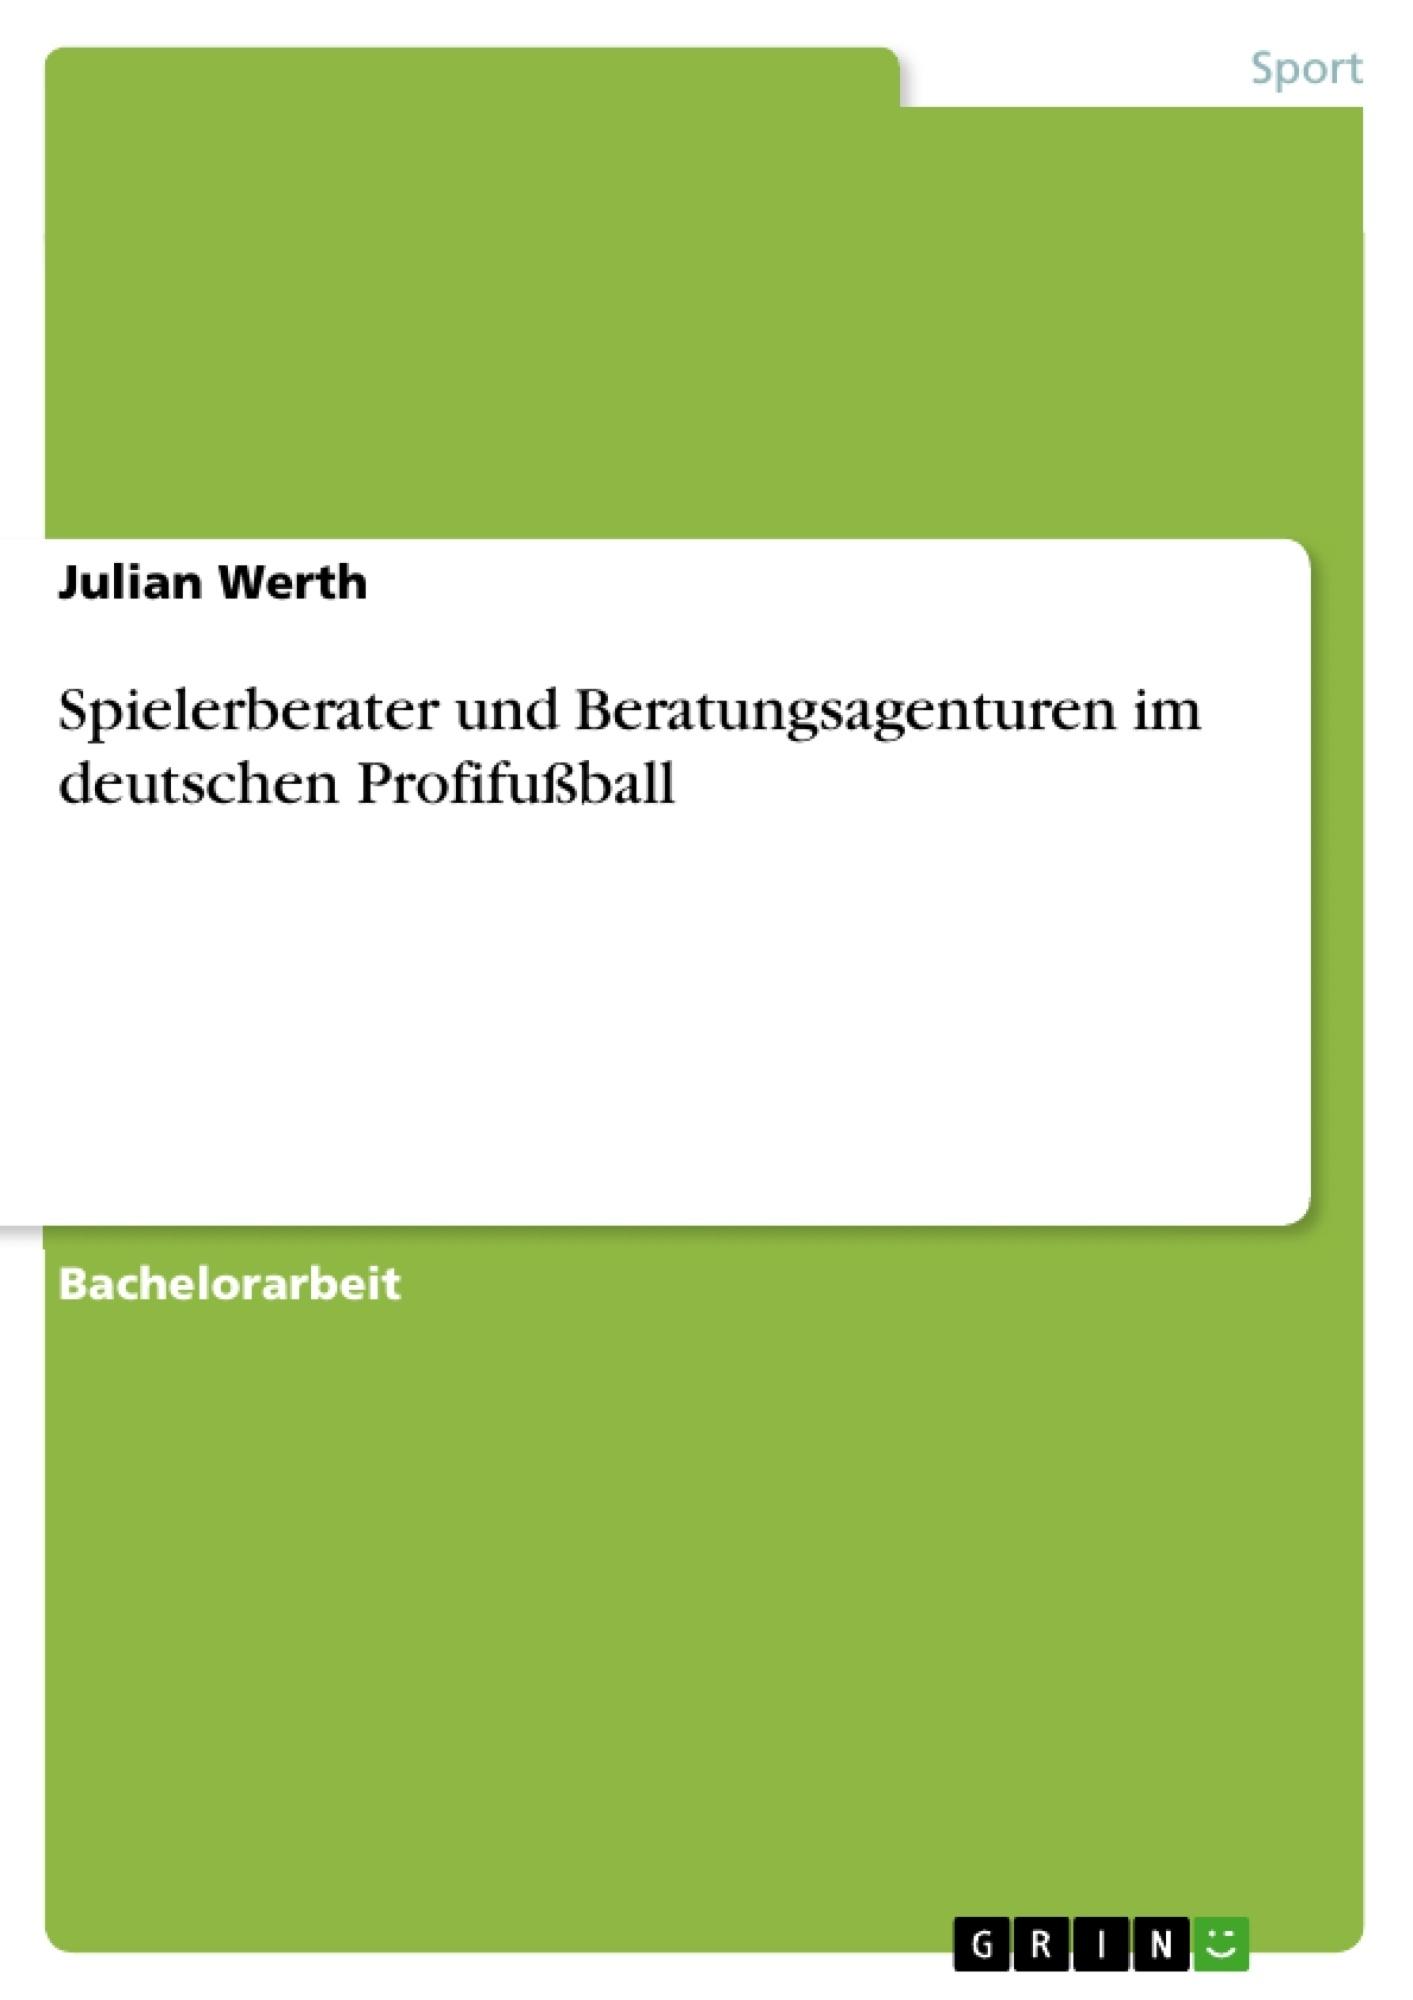 Titel: Spielerberater und Beratungsagenturen im deutschen Profifußball